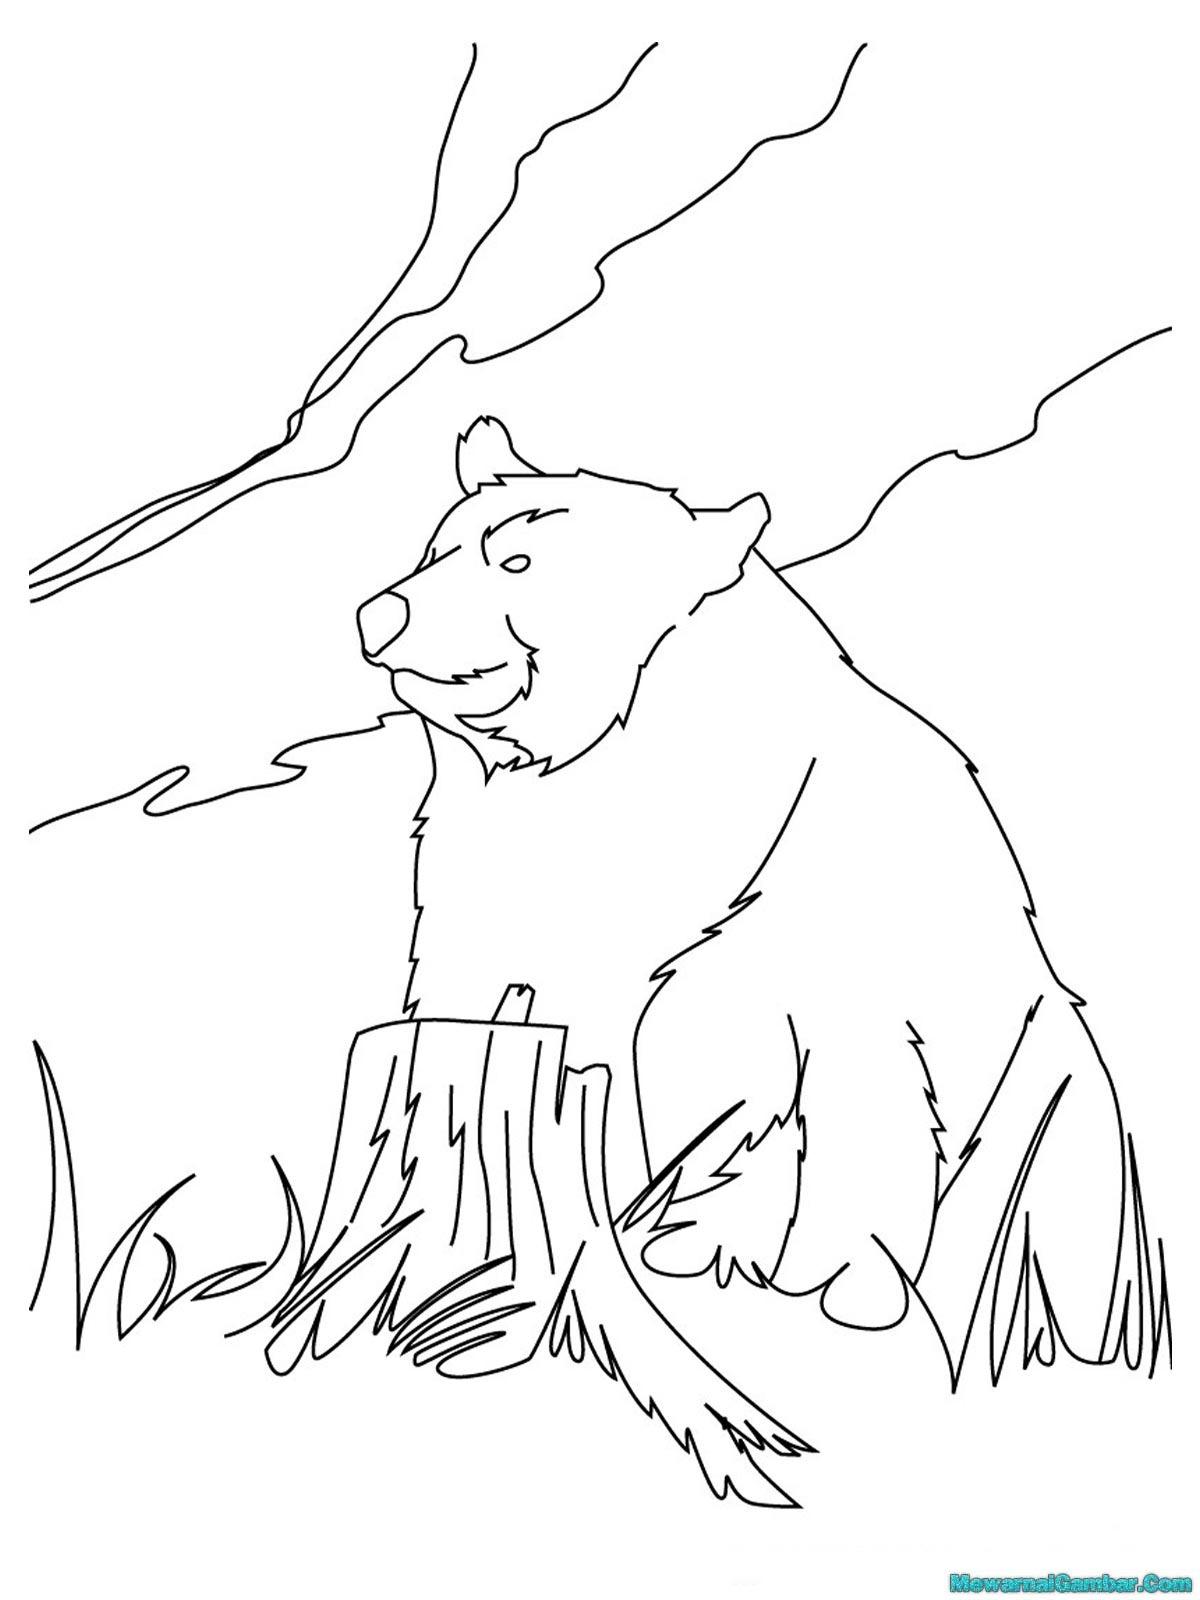 Download Mewarnai Gambar Boneka Beruang Gambarhitamputih Diwarnai